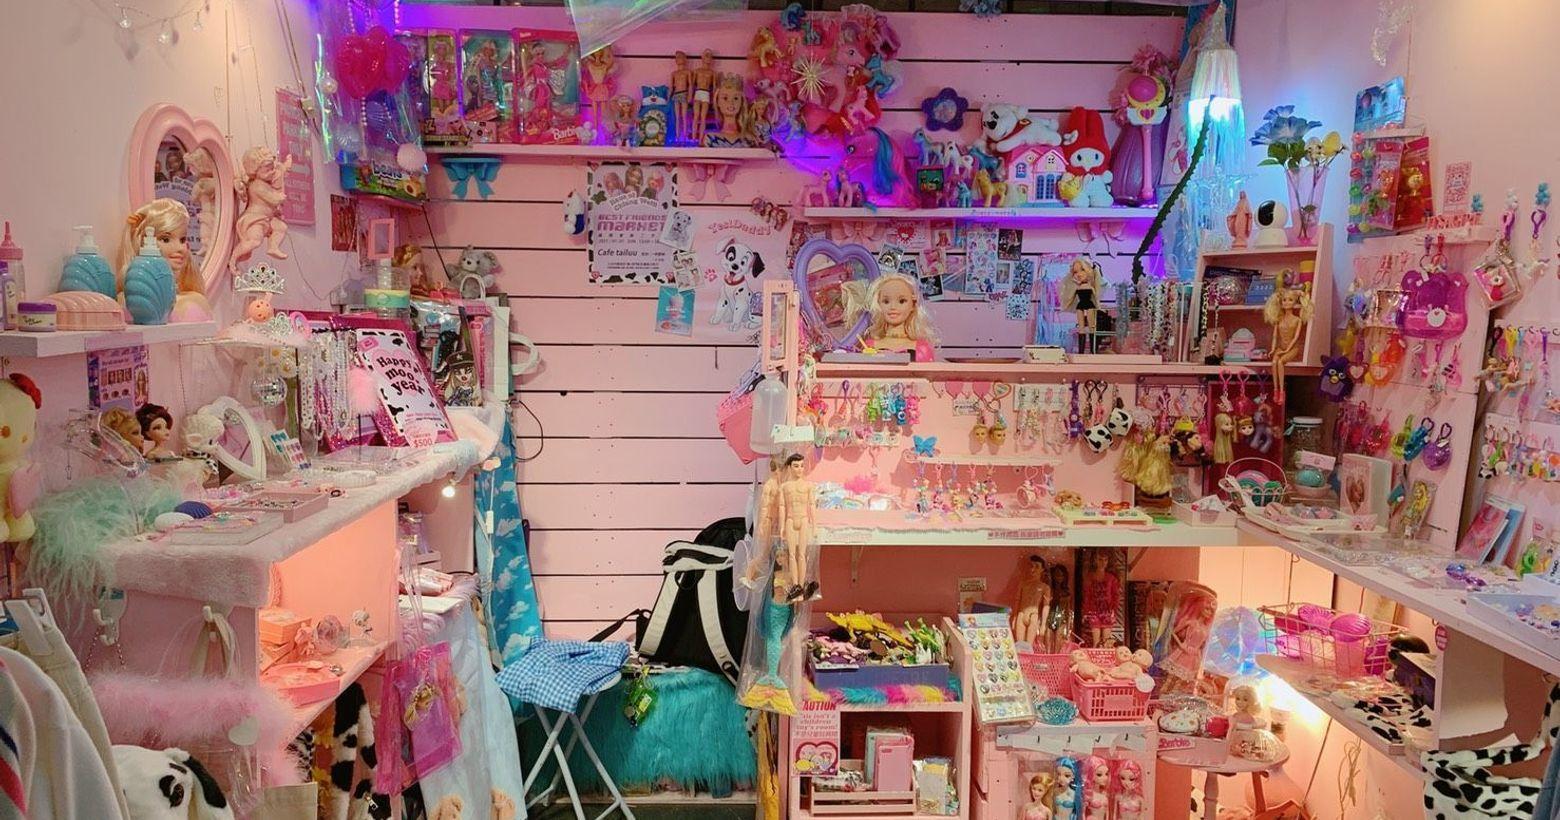 粉紅夢幻芭比小飾界  小天堂圓山花博假日的花博公園變身為遊樂場小朋友可以盡情的嬉鬧、奔跑、運動大朋友